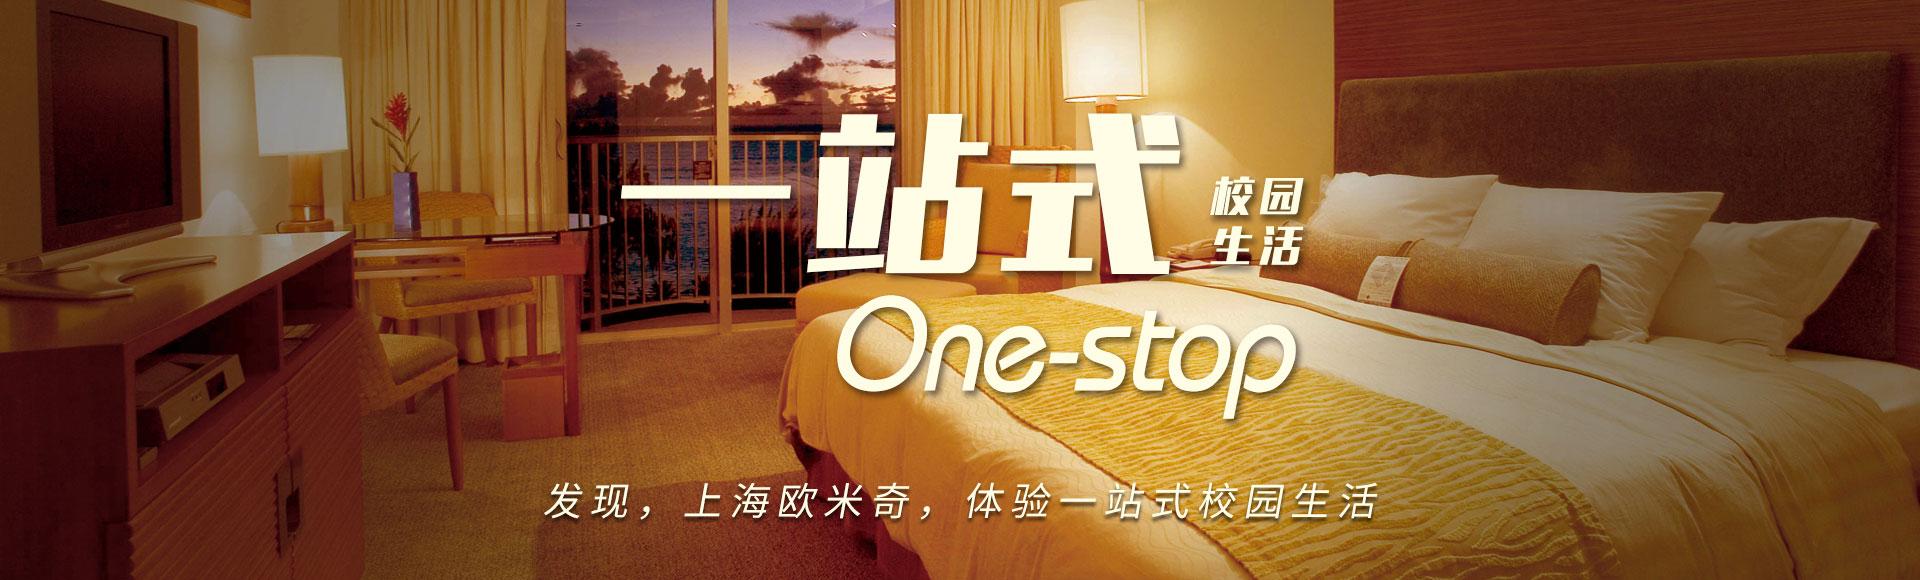 上海欧米奇西点培训学校 欧米奇一站式校园生活